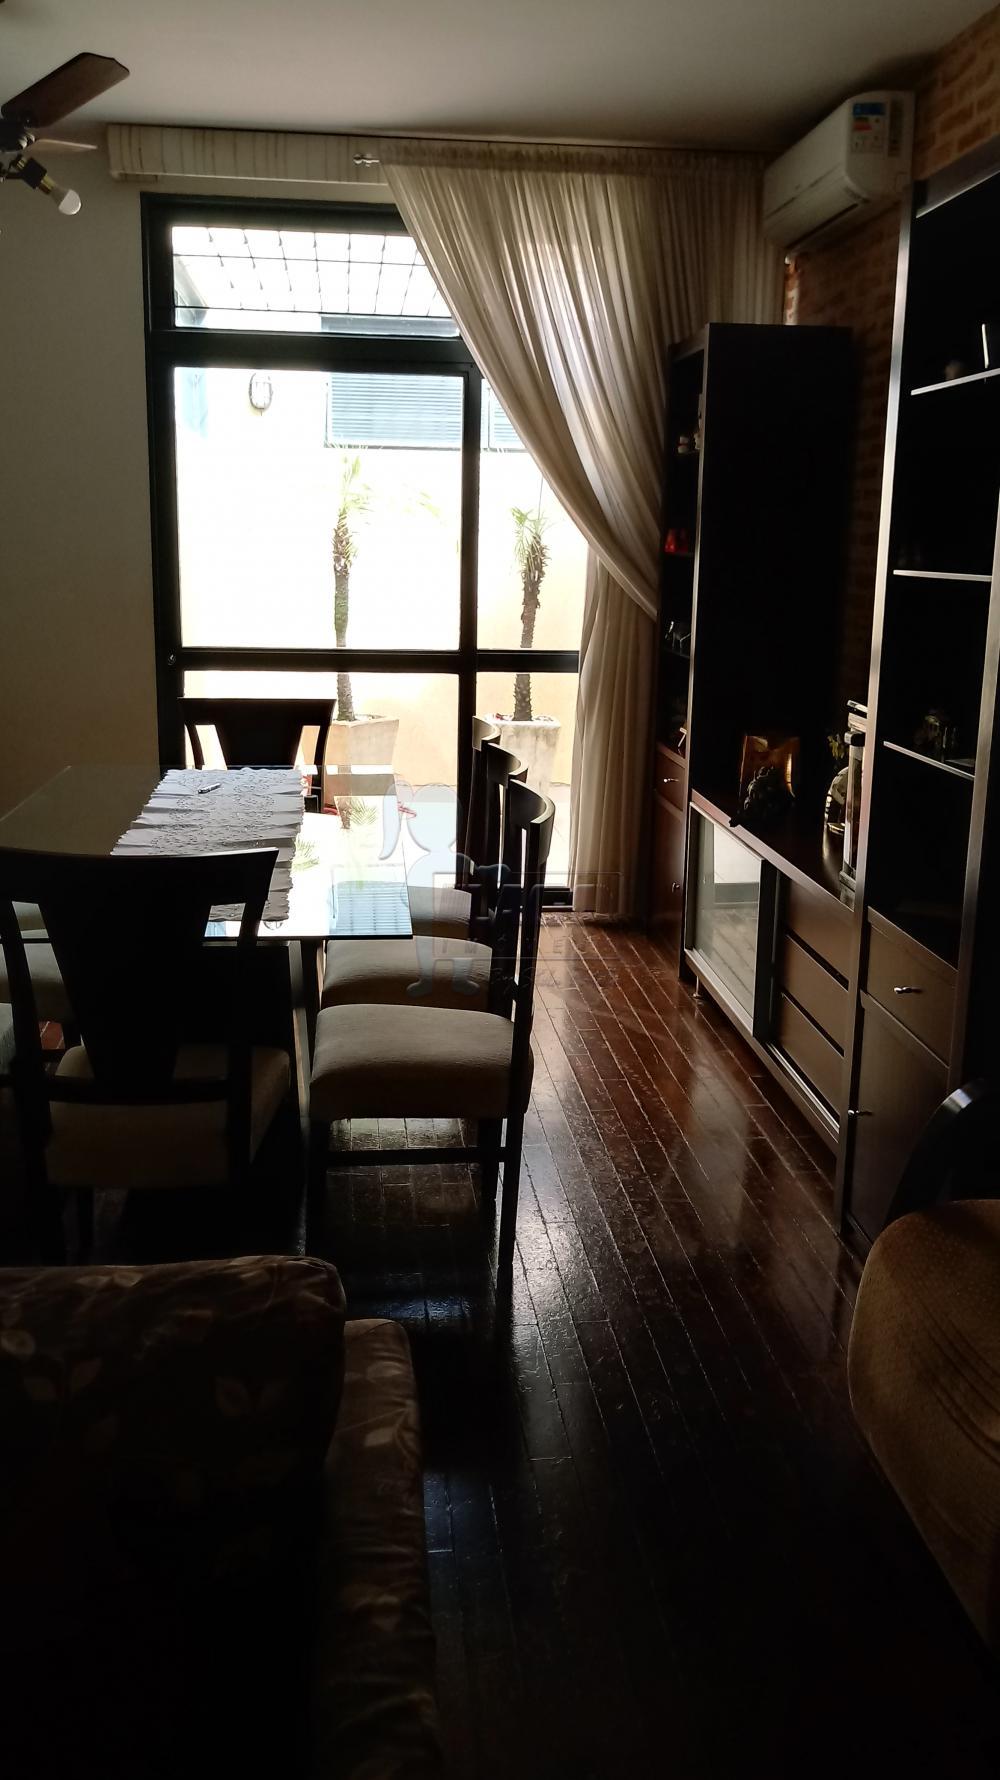 Comprar Casas / Padrão em Ribeirão Preto apenas R$ 600.000,00 - Foto 6